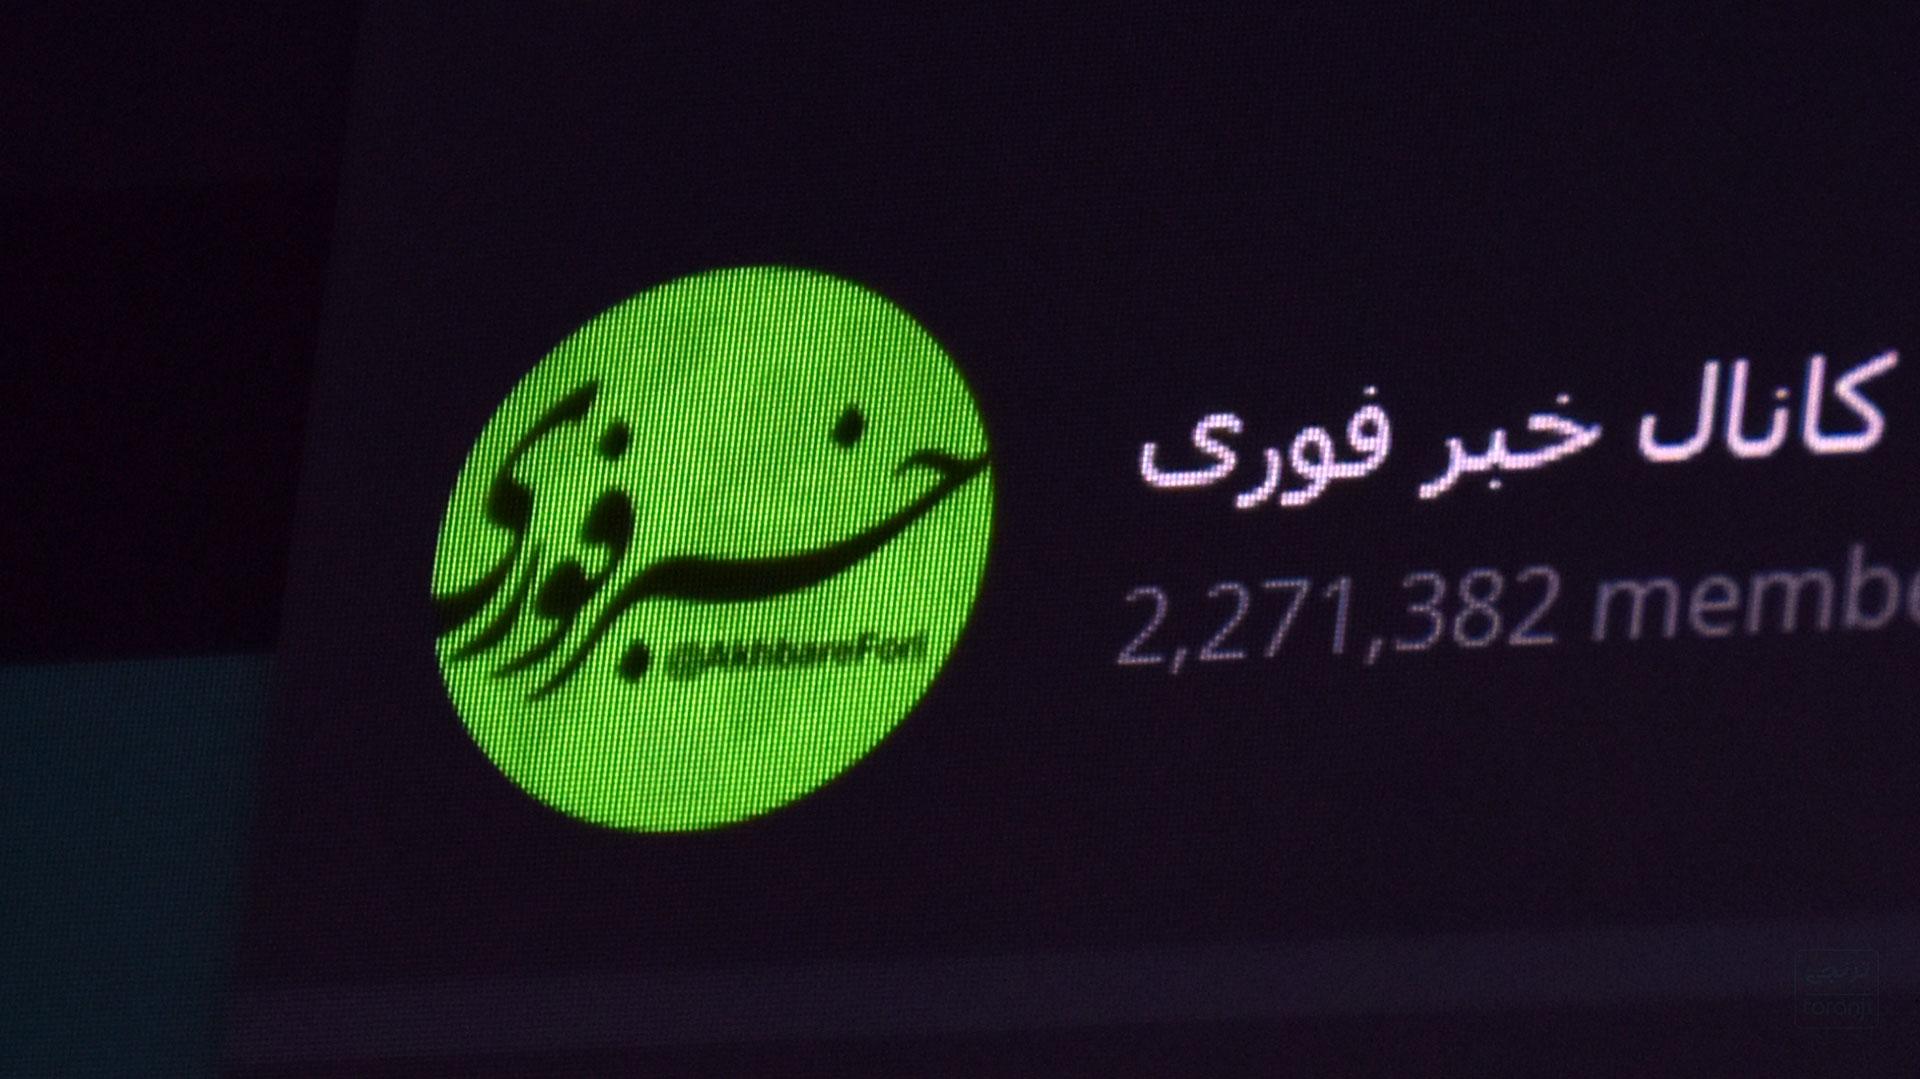 نقش کانال خبرفوری در انتشار بدافزارهای موبایلی